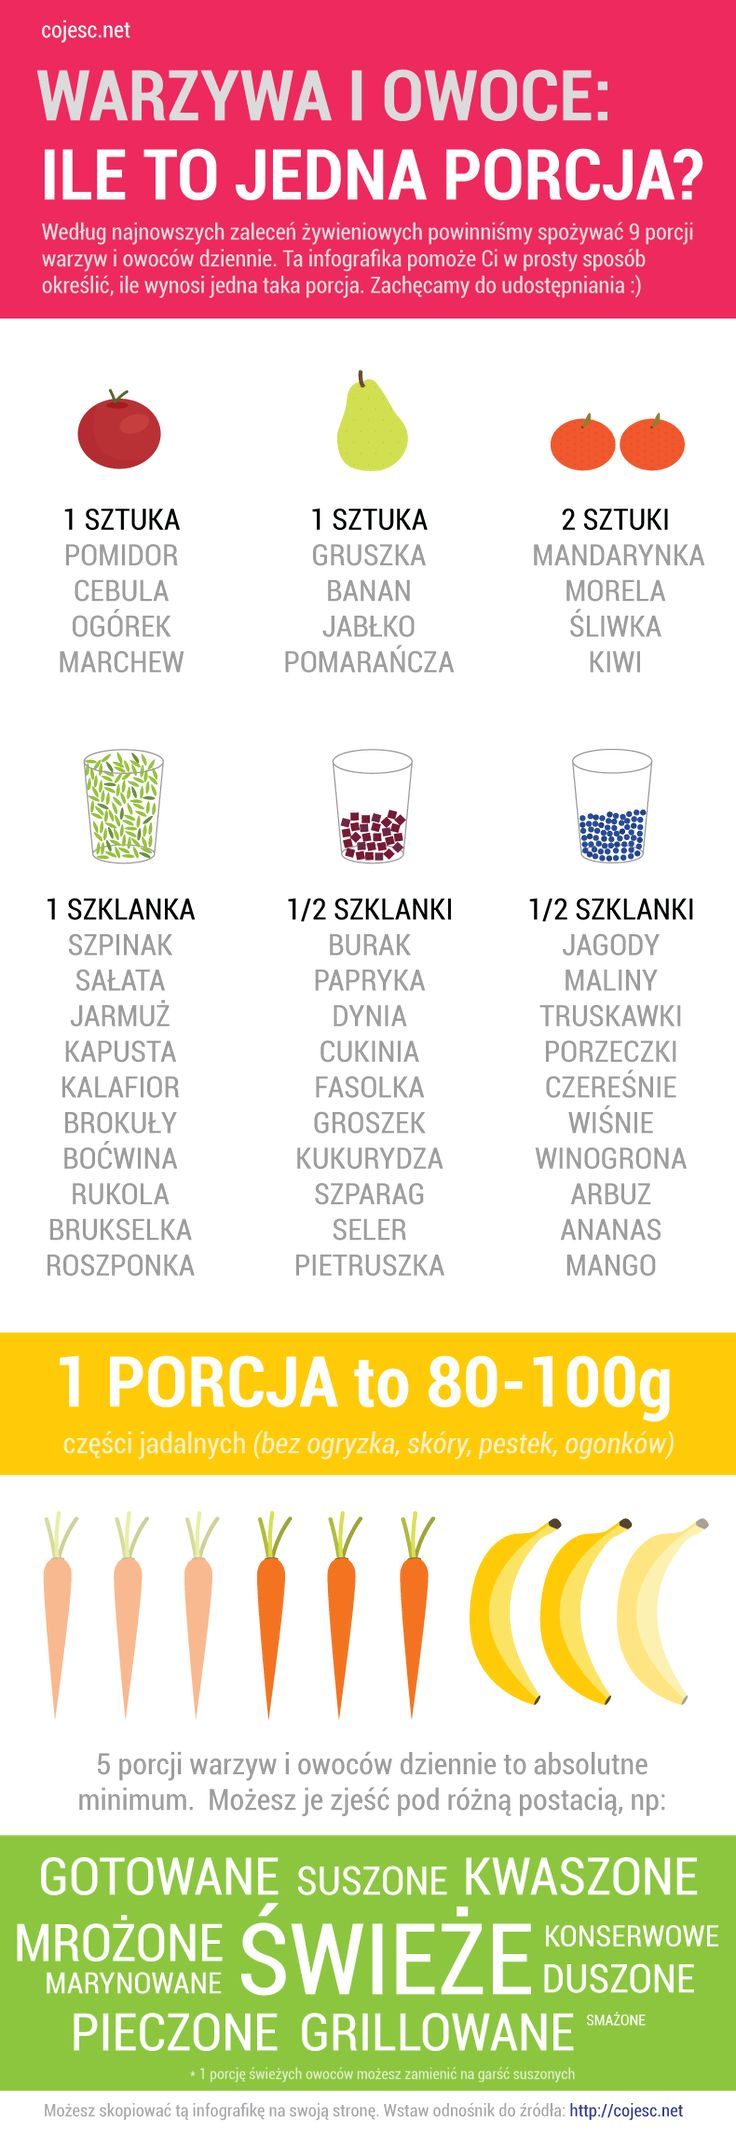 infografika-ile-to-porcja